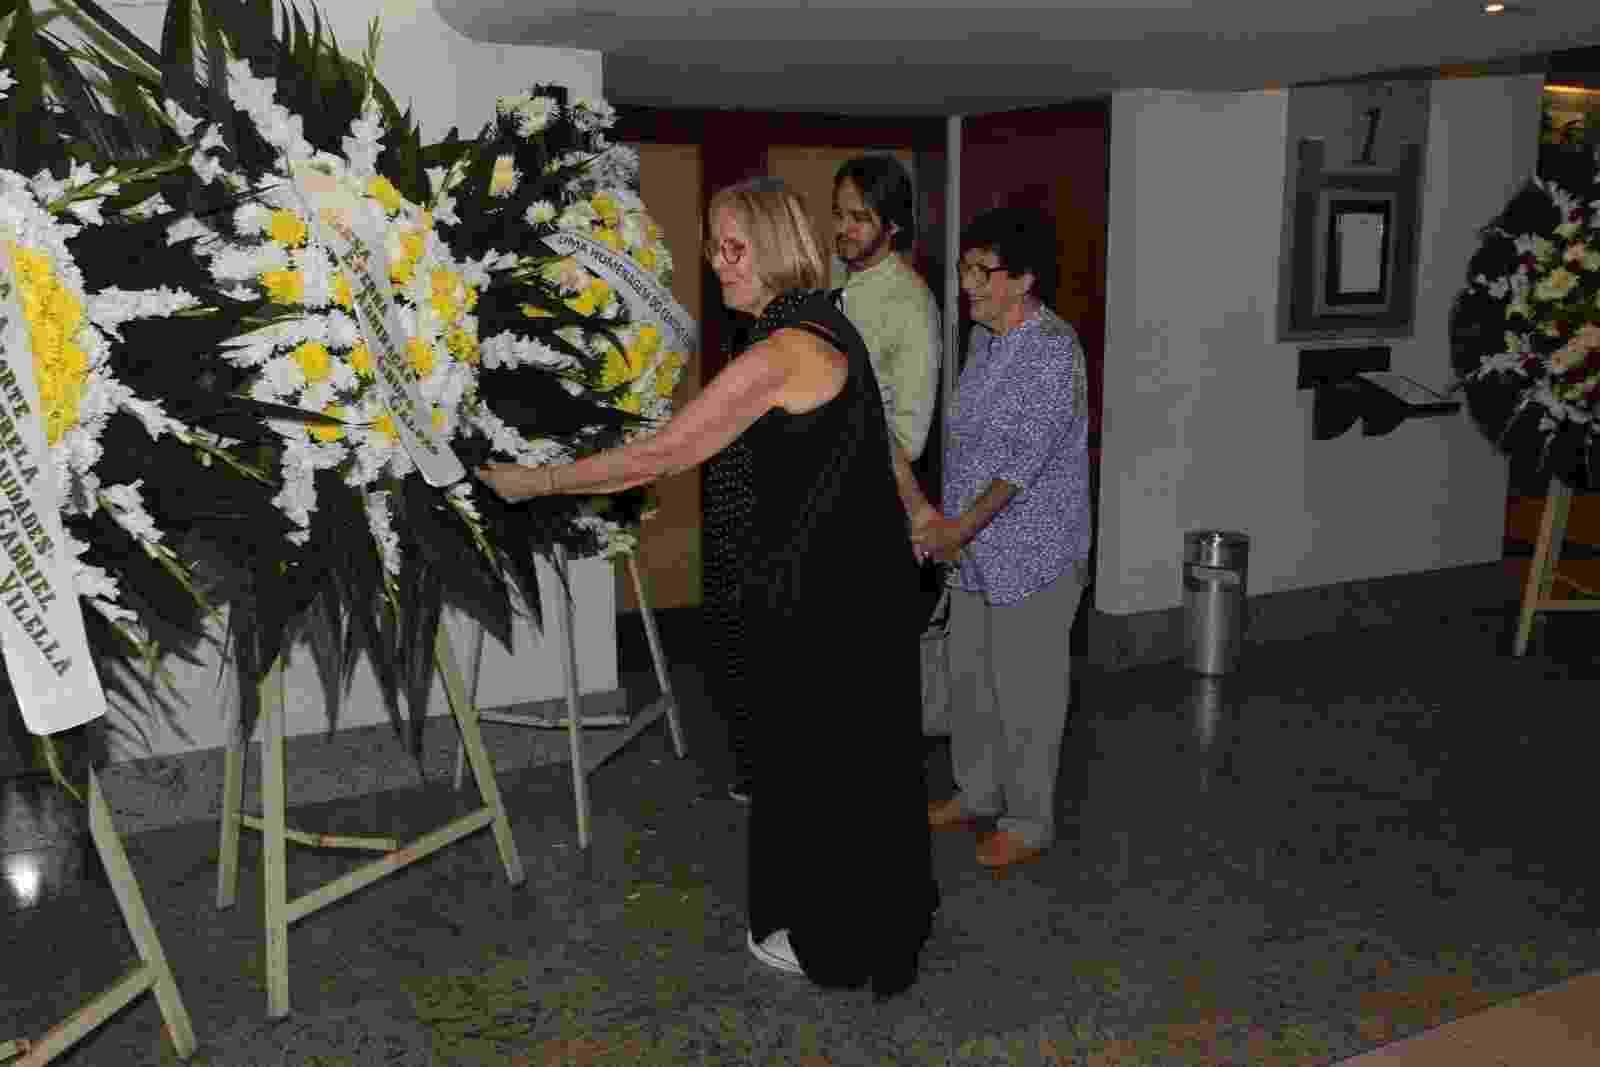 11.abr.2014 - Patrícia, filha de Bárbara Helidora, vê as coroas de flores durante o velório da mãe no Memorial do Carmo, no Rio de Janeiro - Marcello Sá Barretto/AgNews